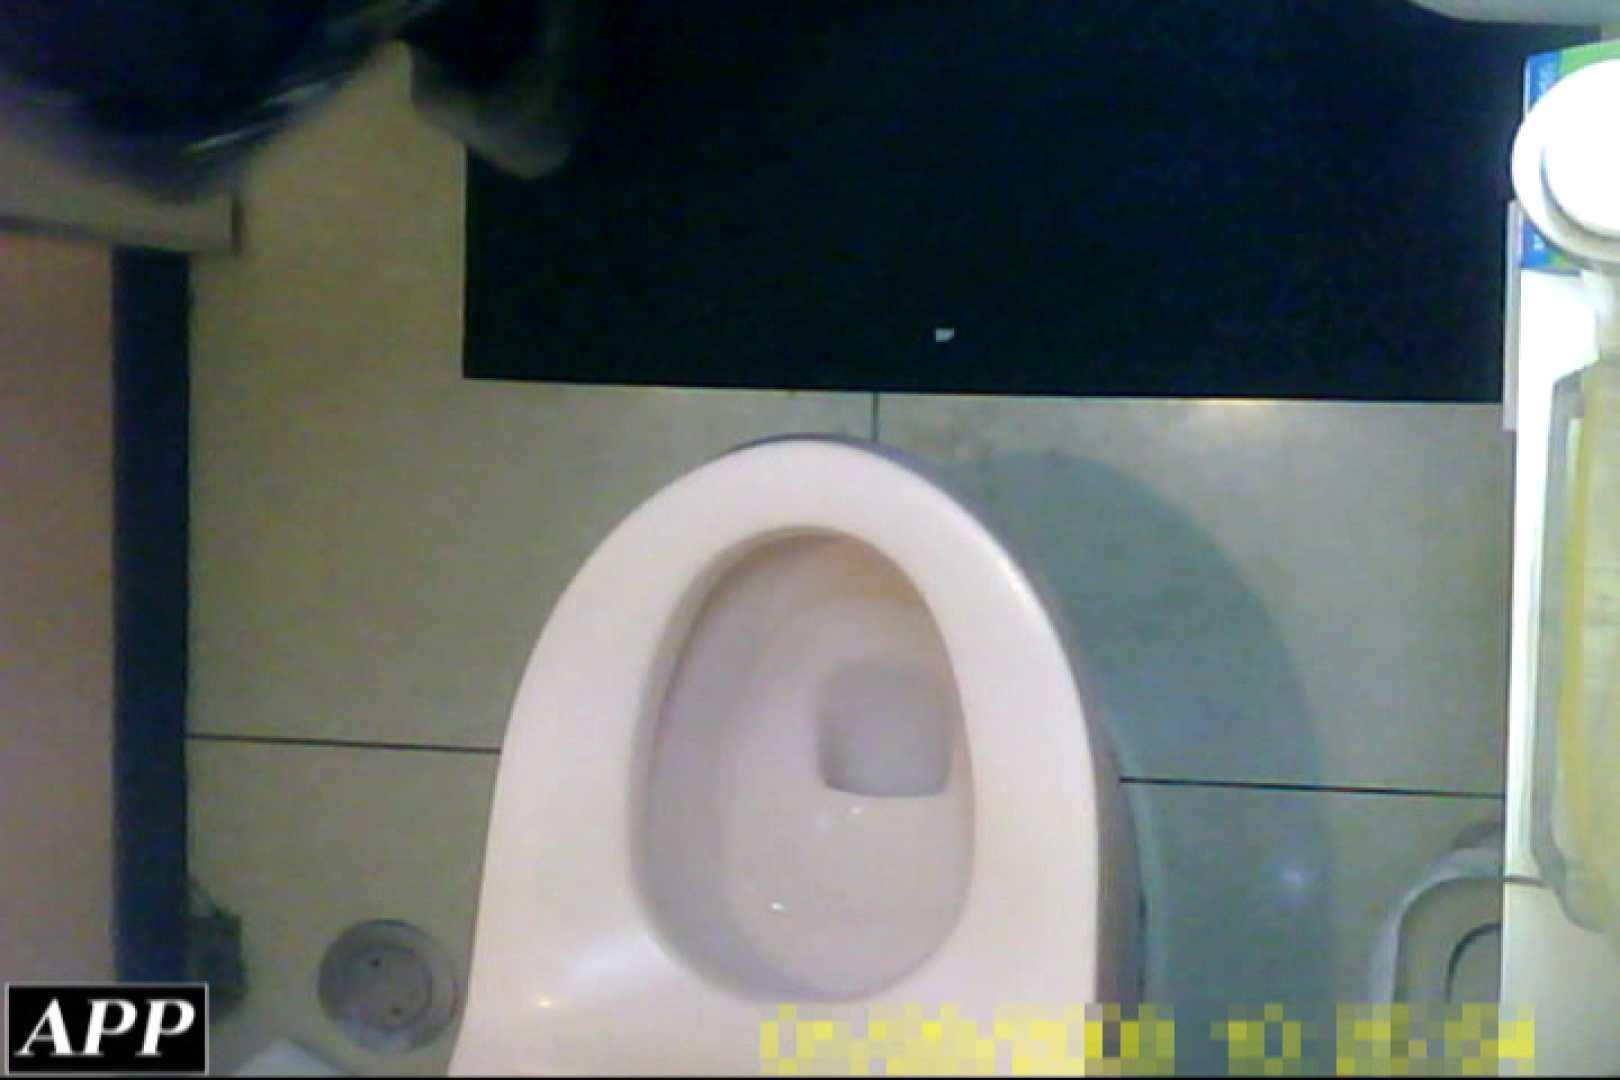 3視点洗面所 vol.50 オマンコ全開です 盗み撮り動画 86枚